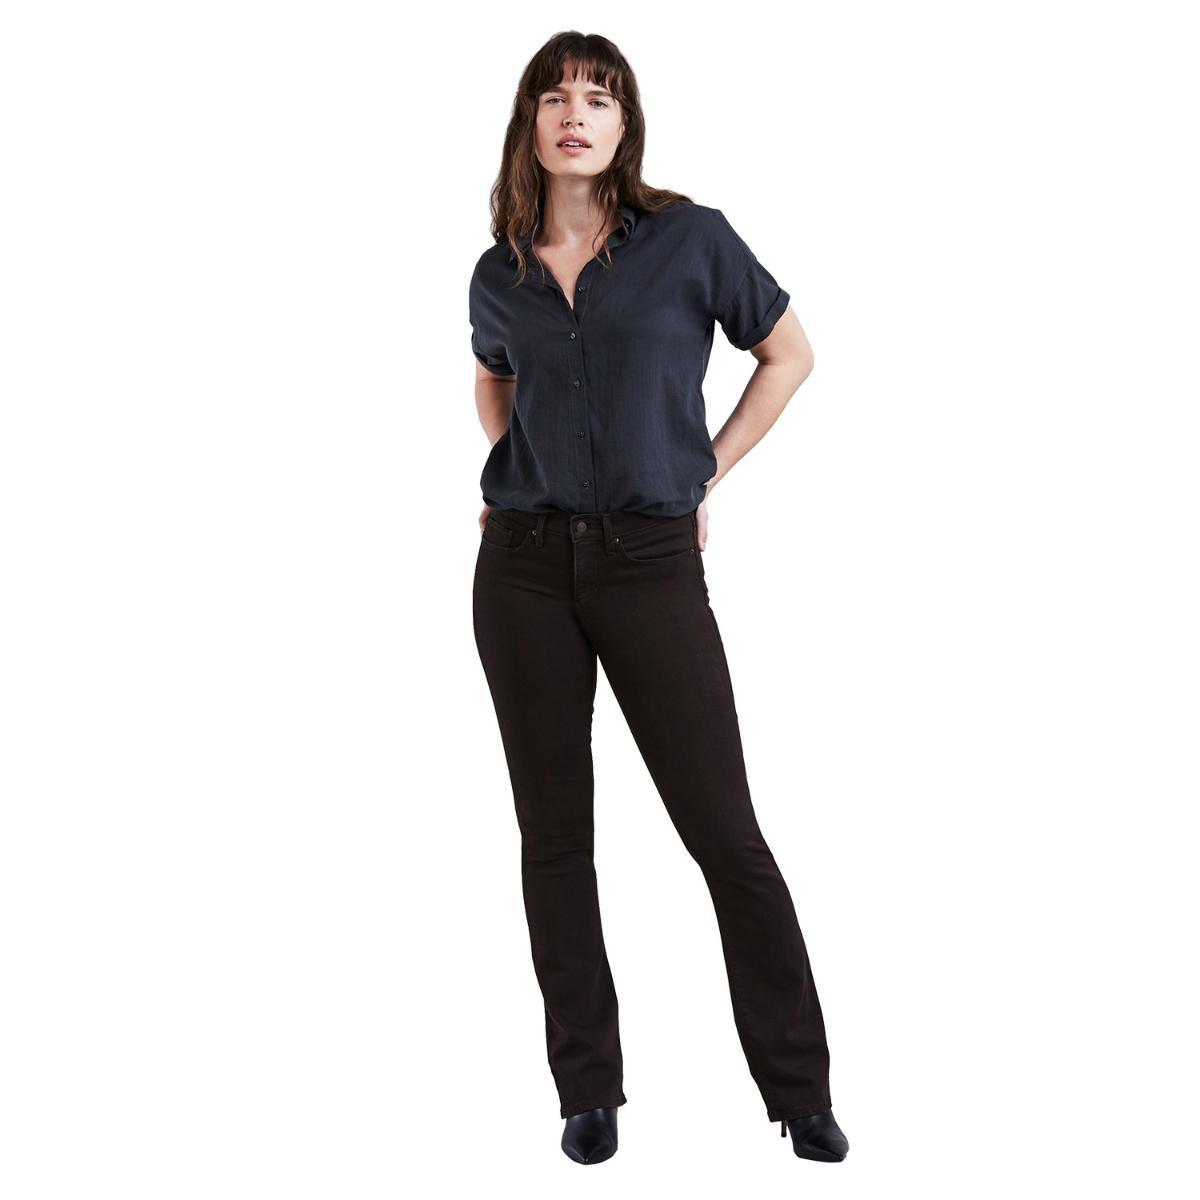 e279e9759 Calça Jeans Feminina Levis 315 Shaping Bootcut Preto - R$ 144,90 em ...